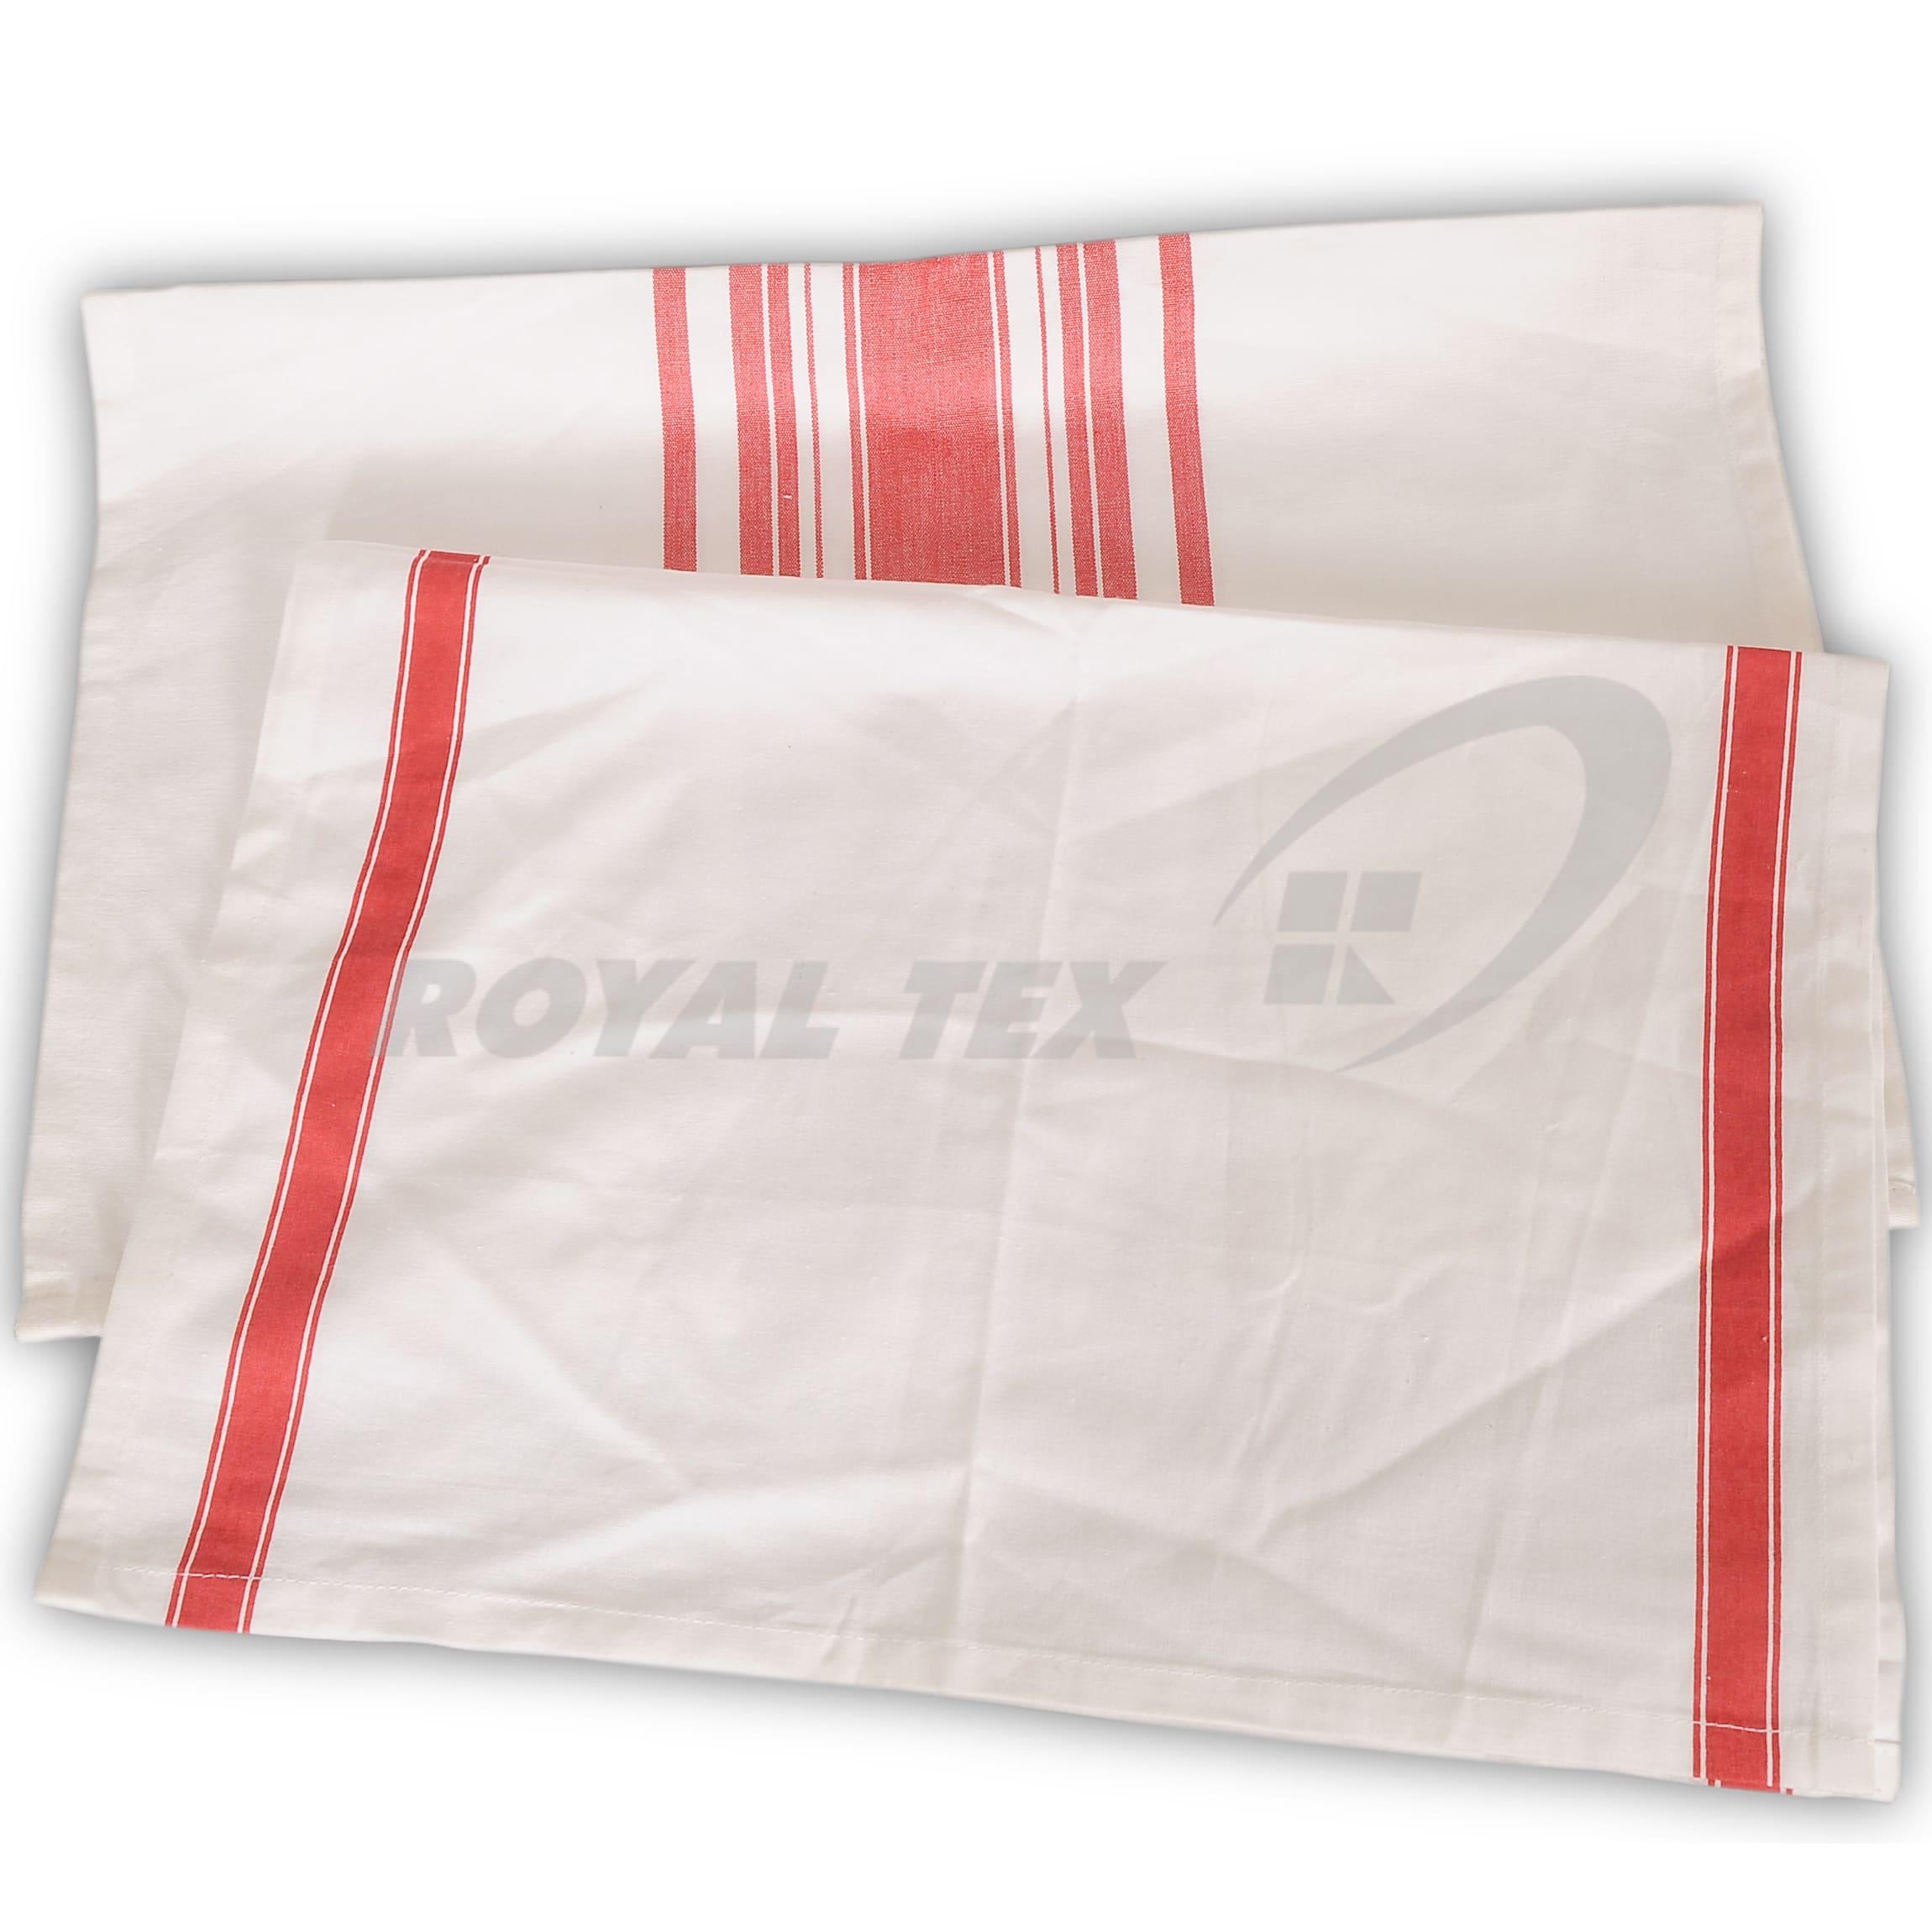 TT- 309 :   White base / color strippes